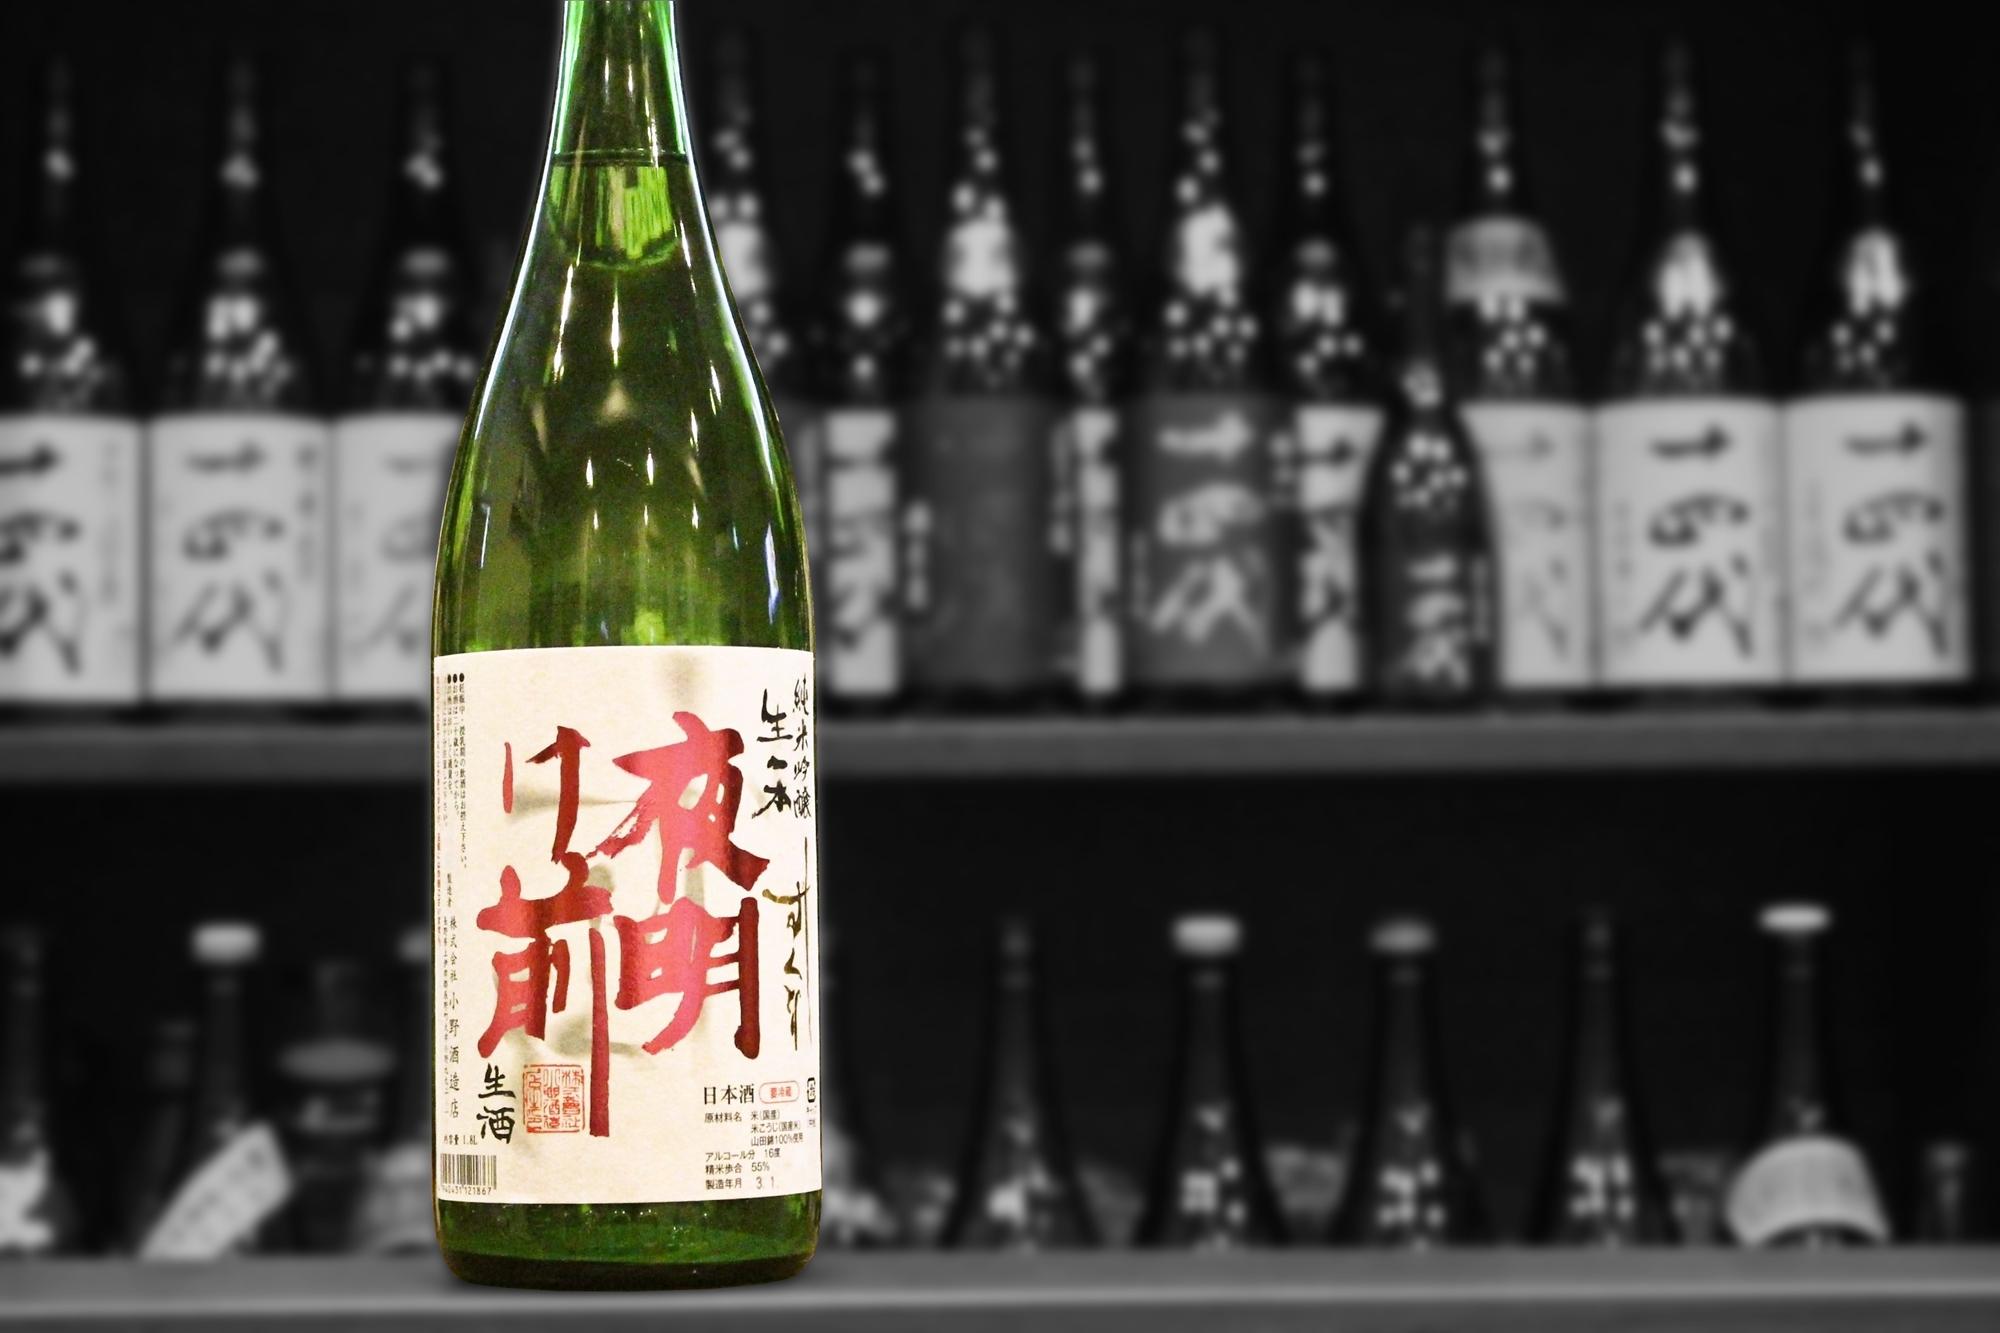 夜明け前しずく採り生一本純米吟醸202101-001